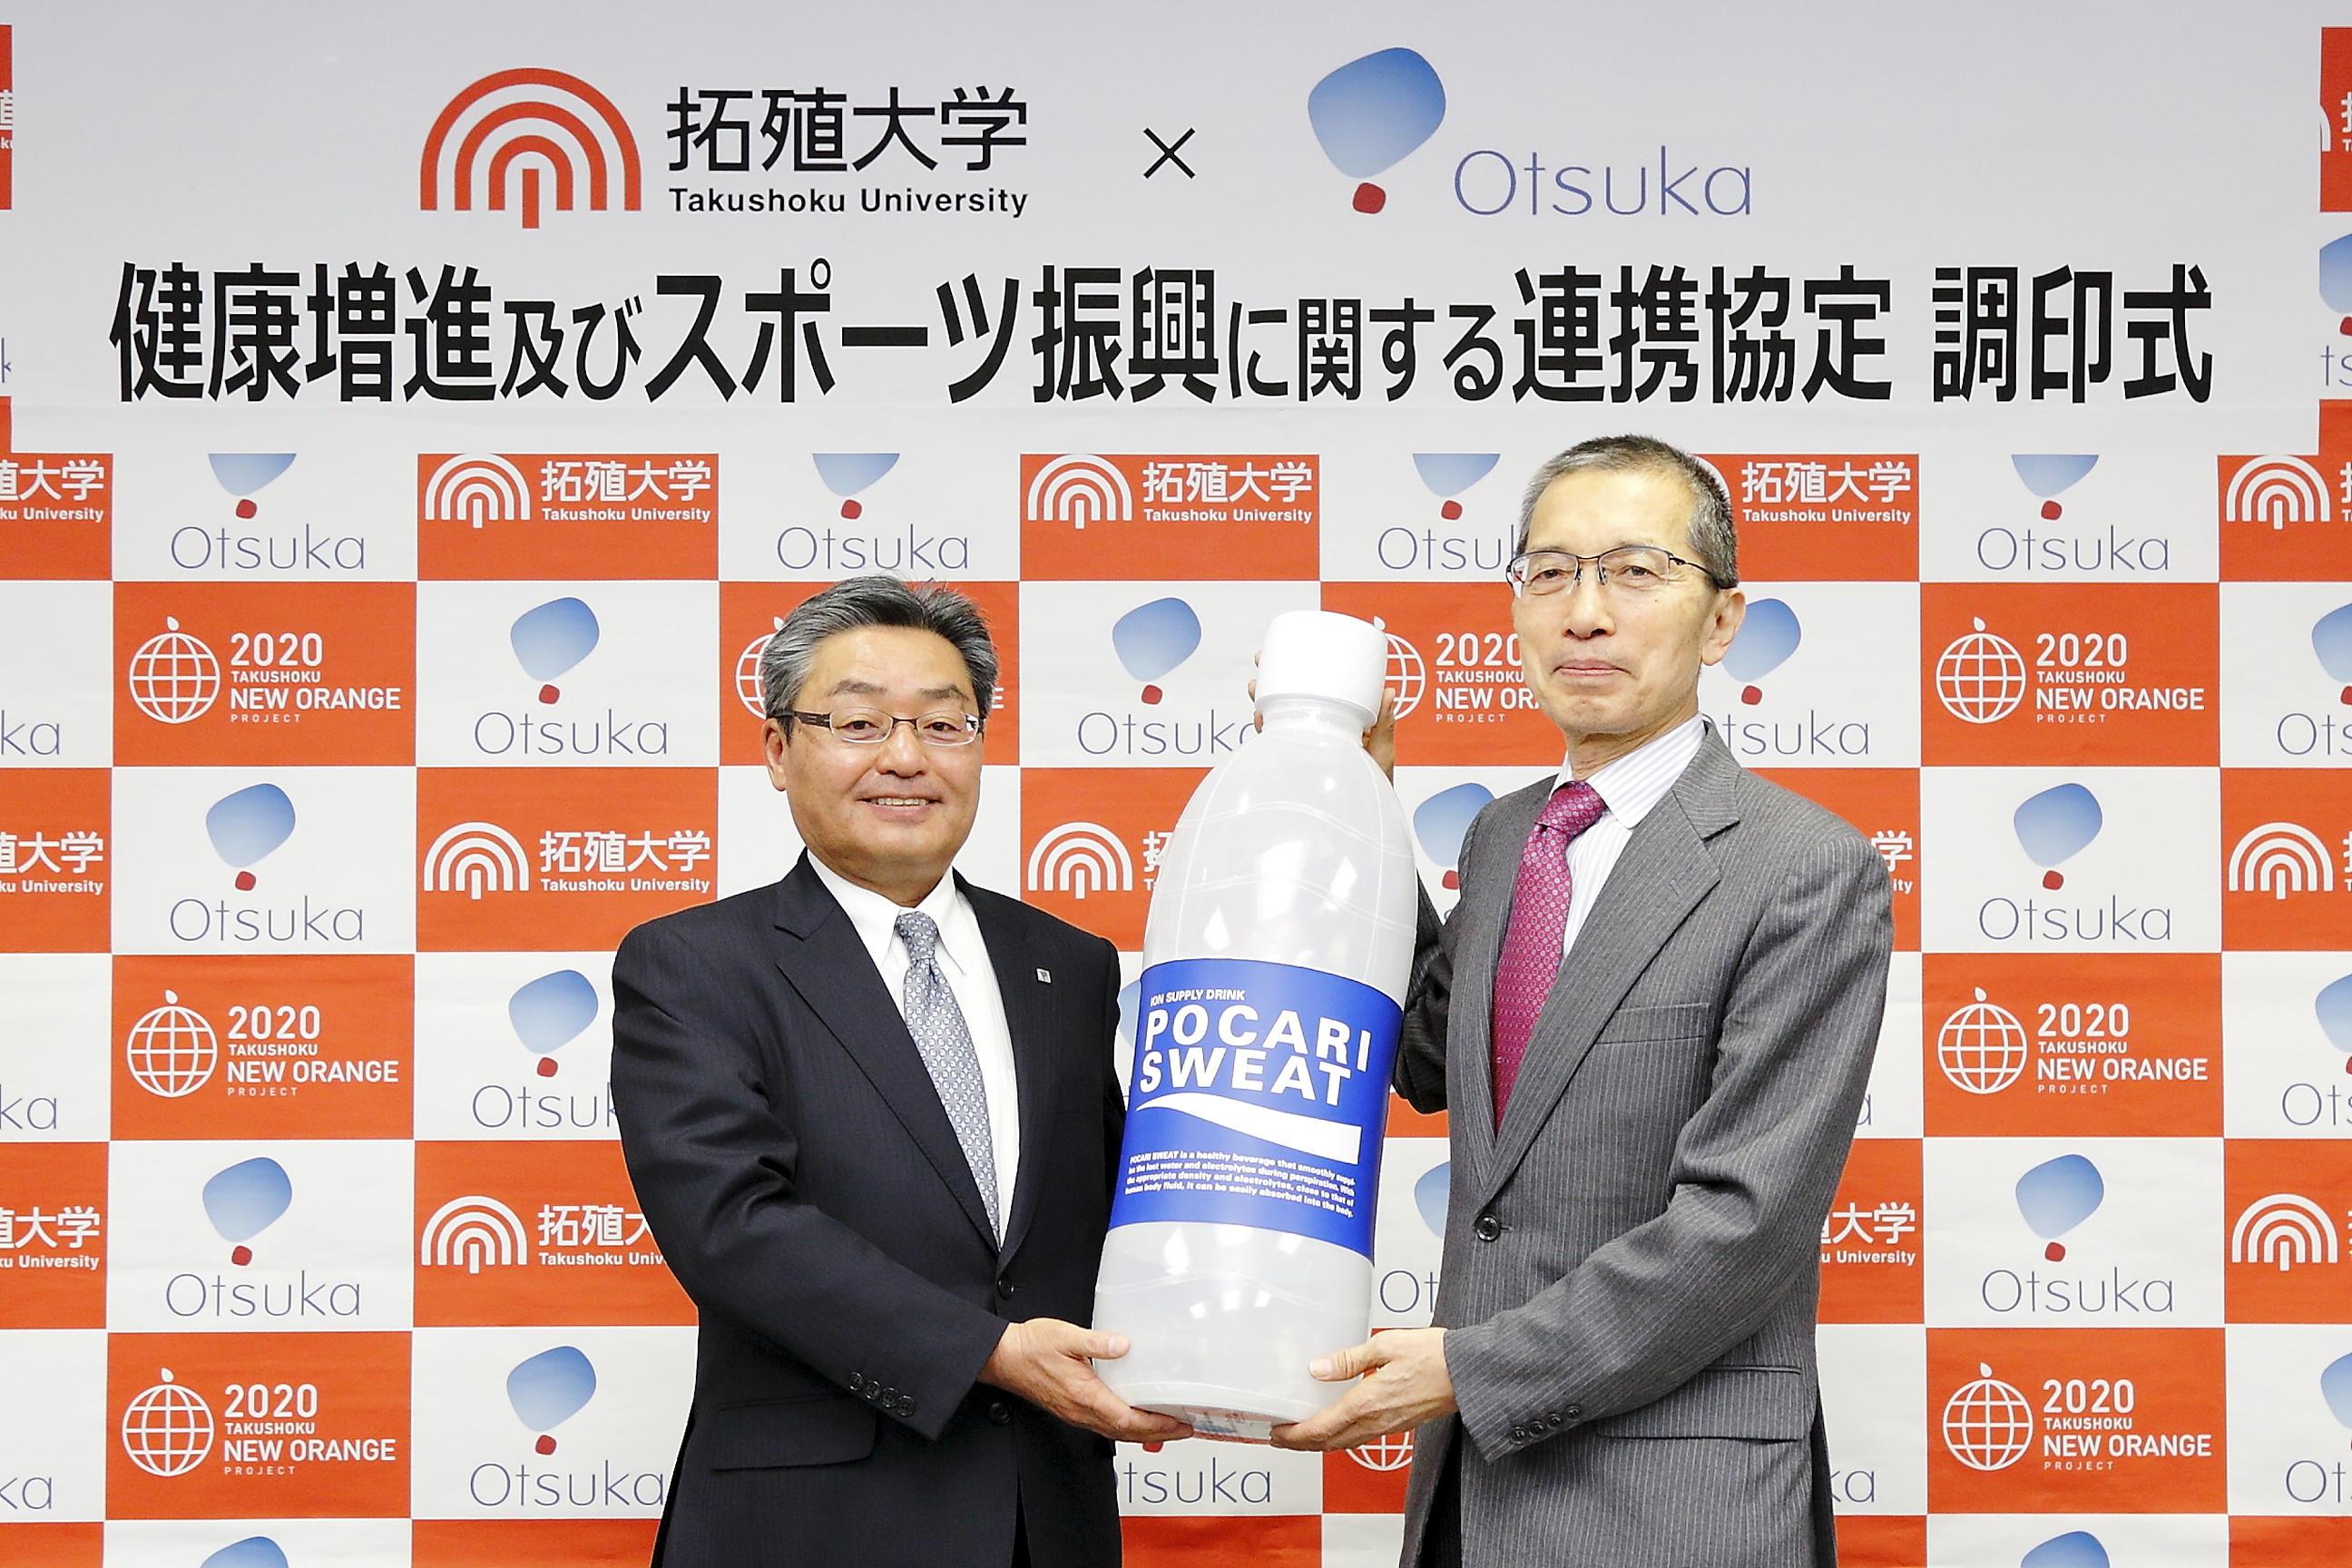 拓殖大学が大塚製薬株式会社と「健康増進及びスポーツ振興に関する協定」を締結